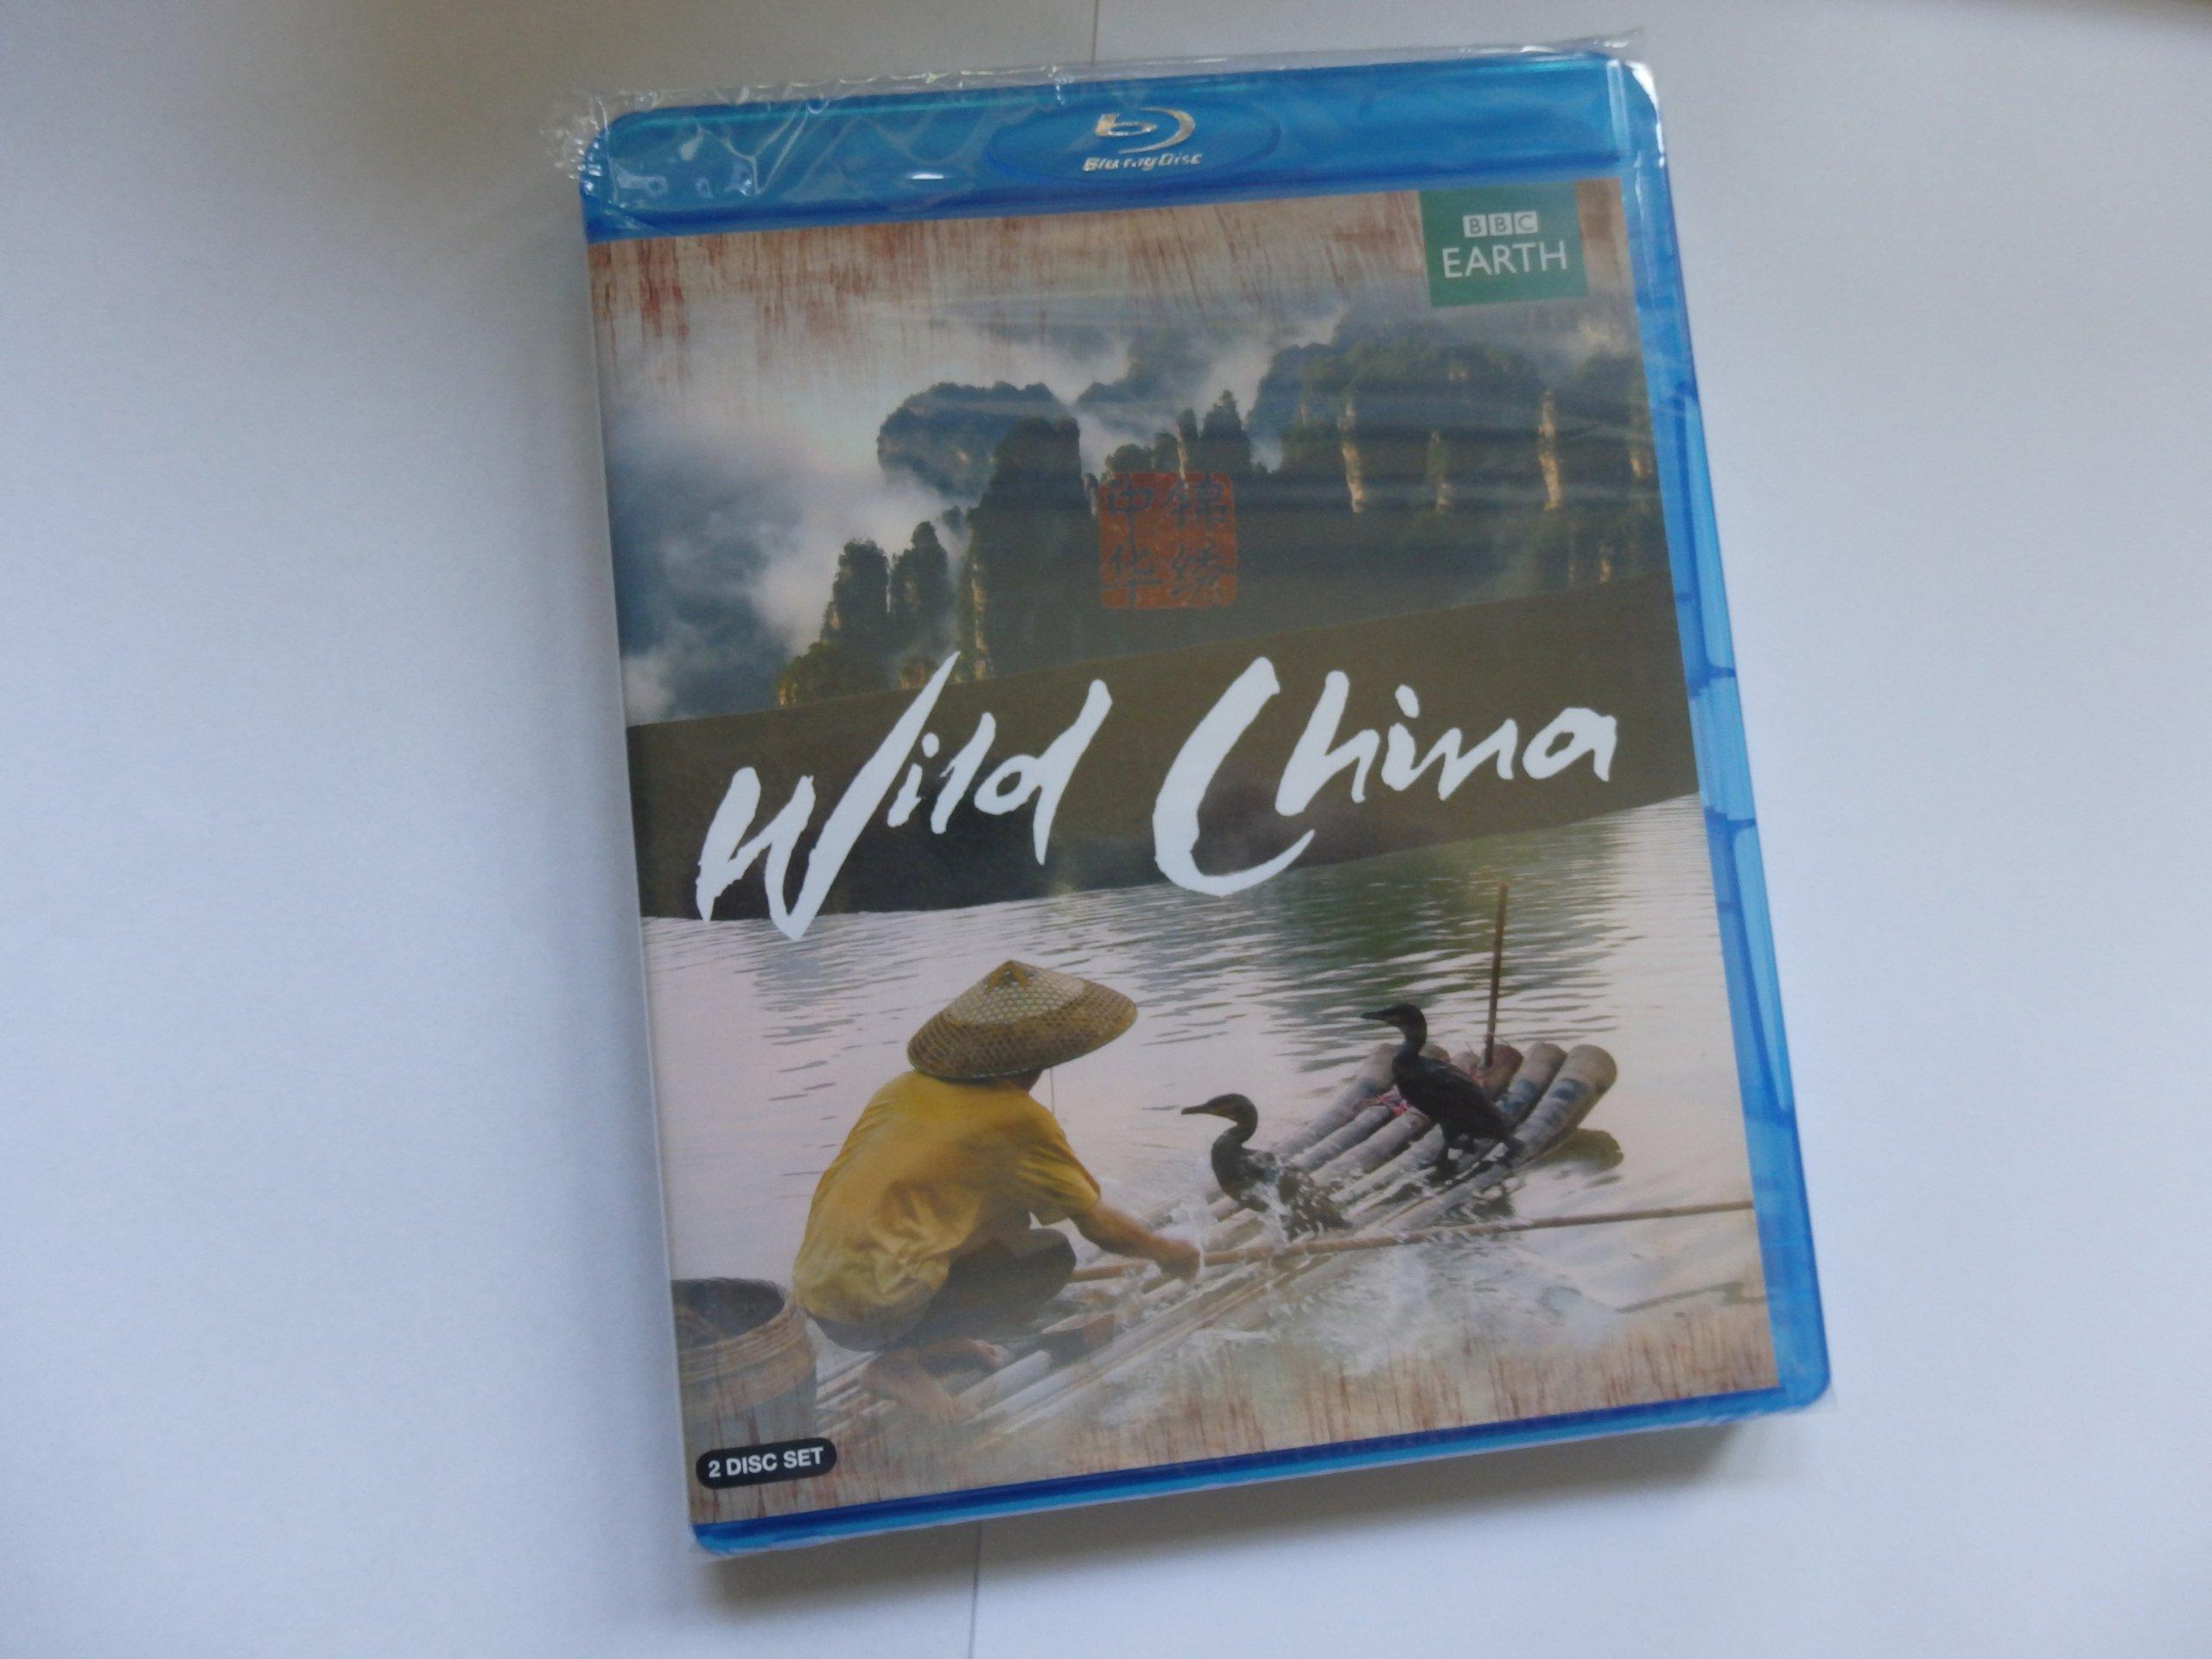 WILD CHINA/przyrodn. serial BBC/2xbluray/ostatnia!